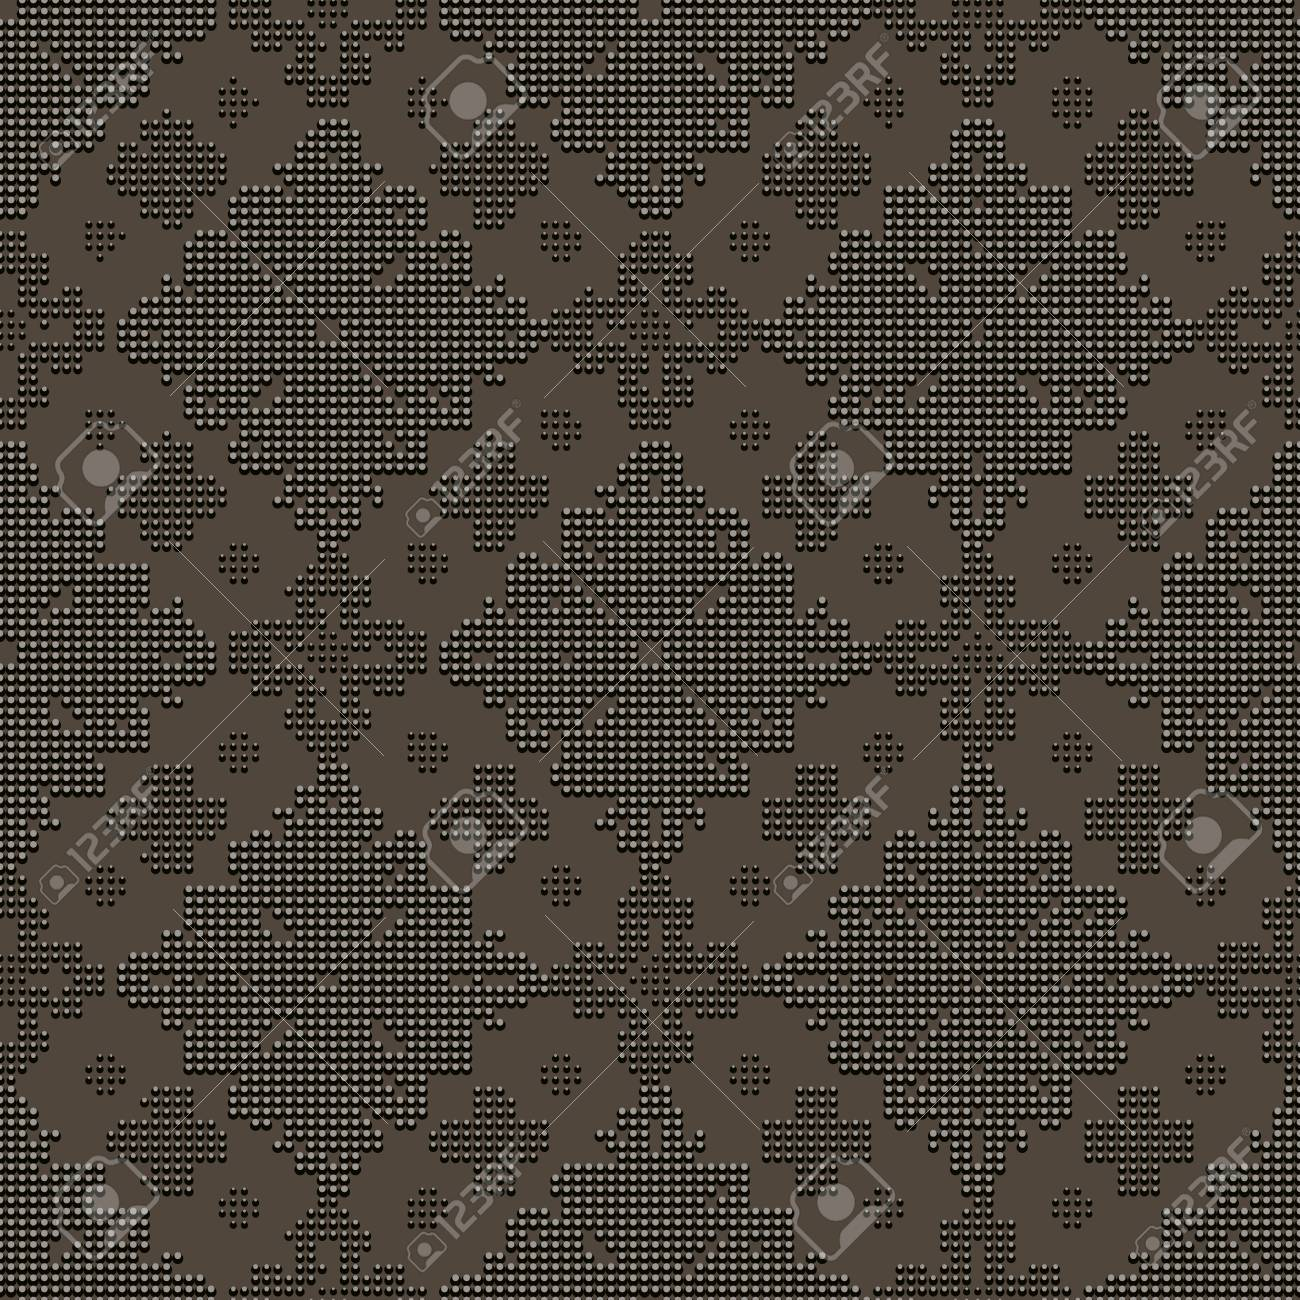 Oscuro Patrón Clásico Transparente En Forma De Bordados De Perlas ...